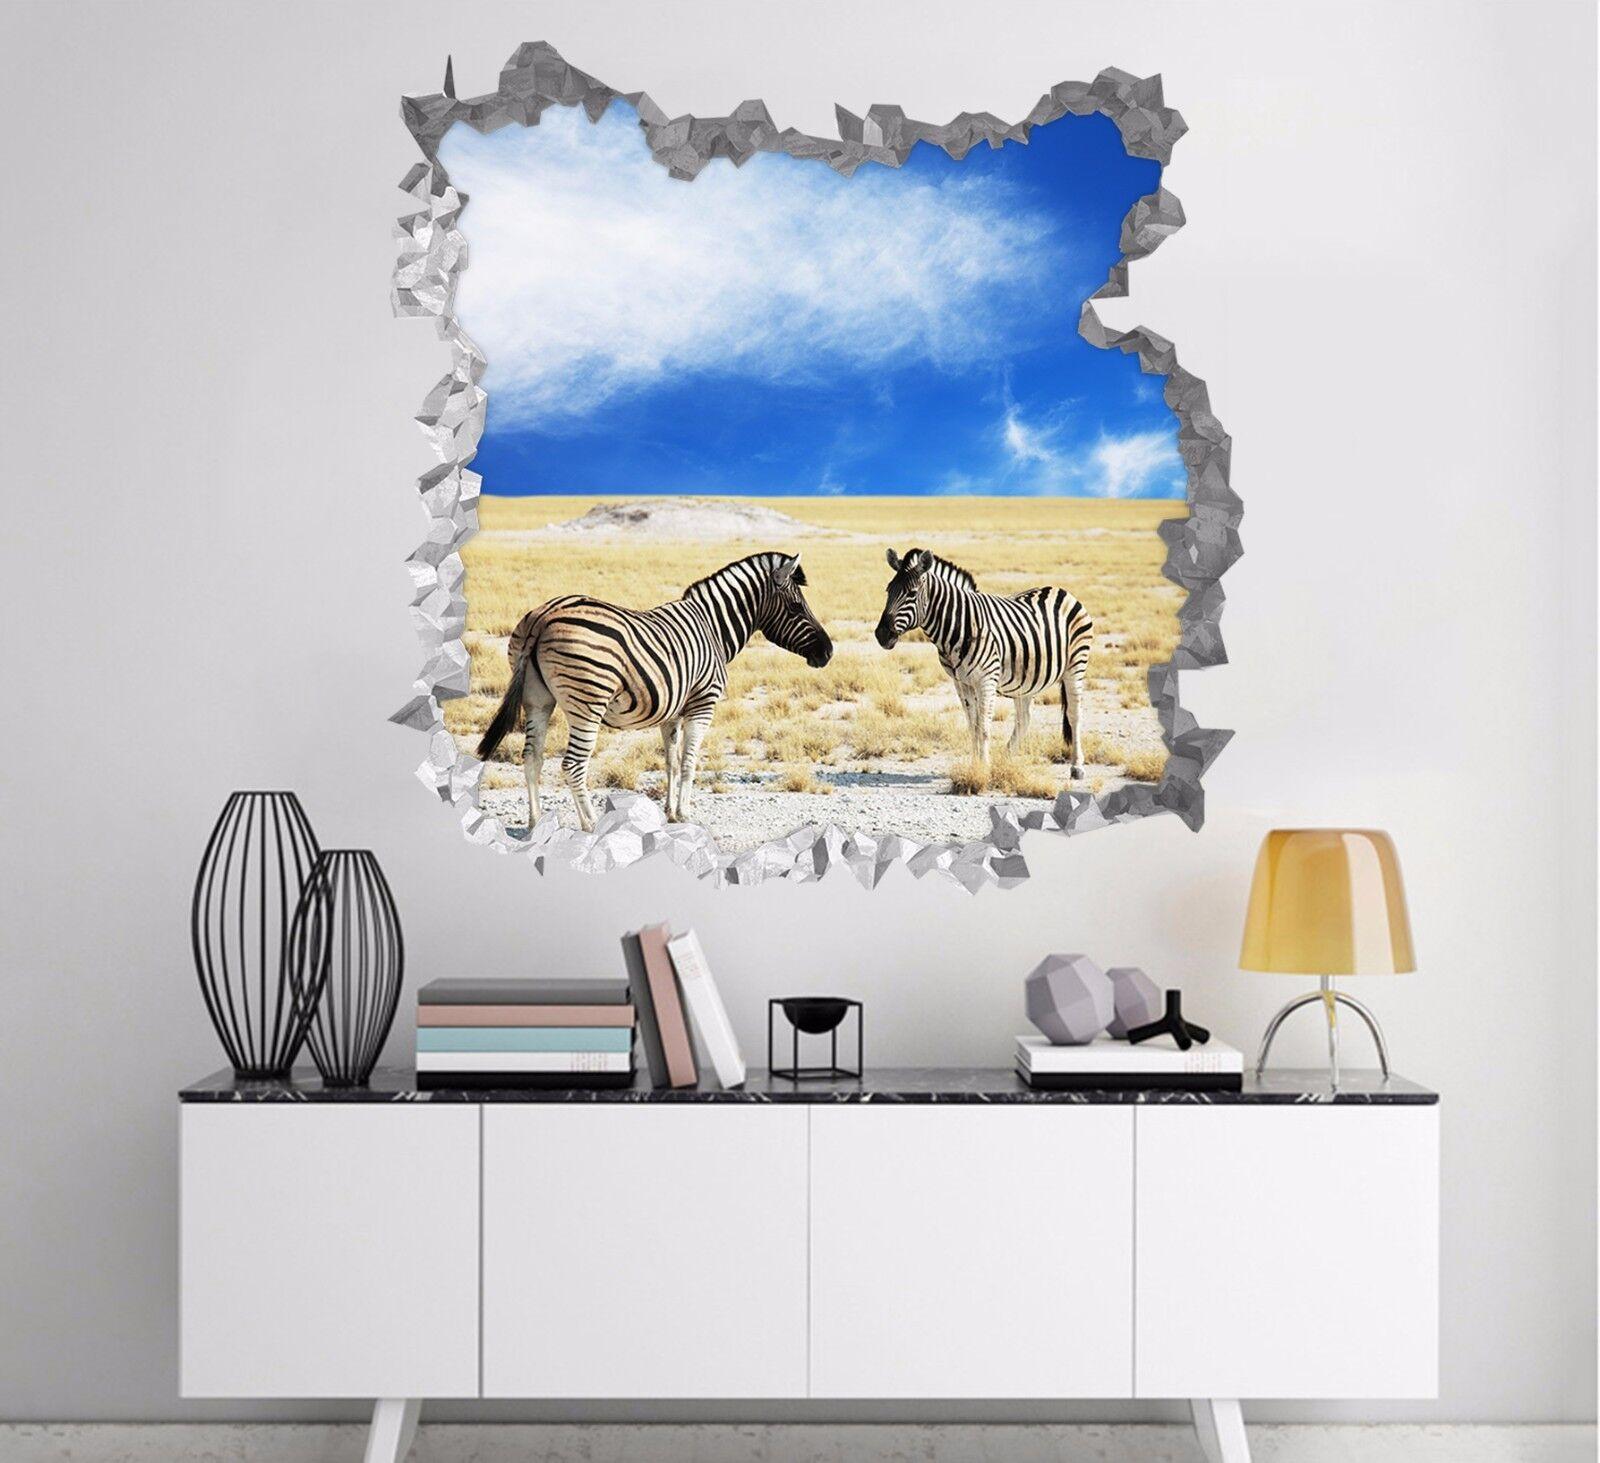 3D Zebre Del Prato 185 Parete Murales Parete Adesivi Decal Sfondamento IT